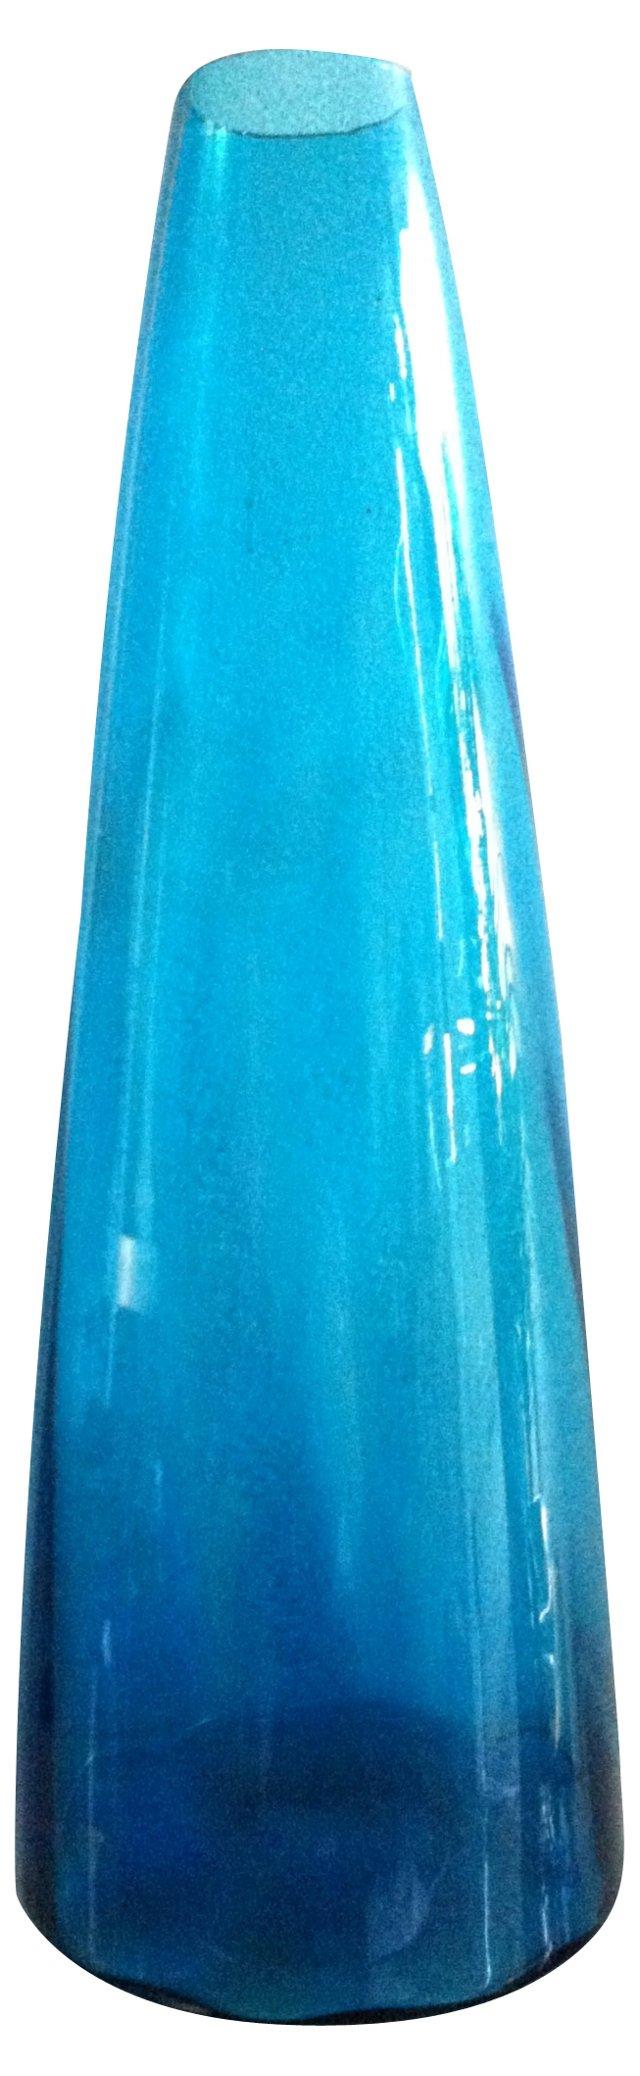 Tall Turquoise Blenko Vase, Signed